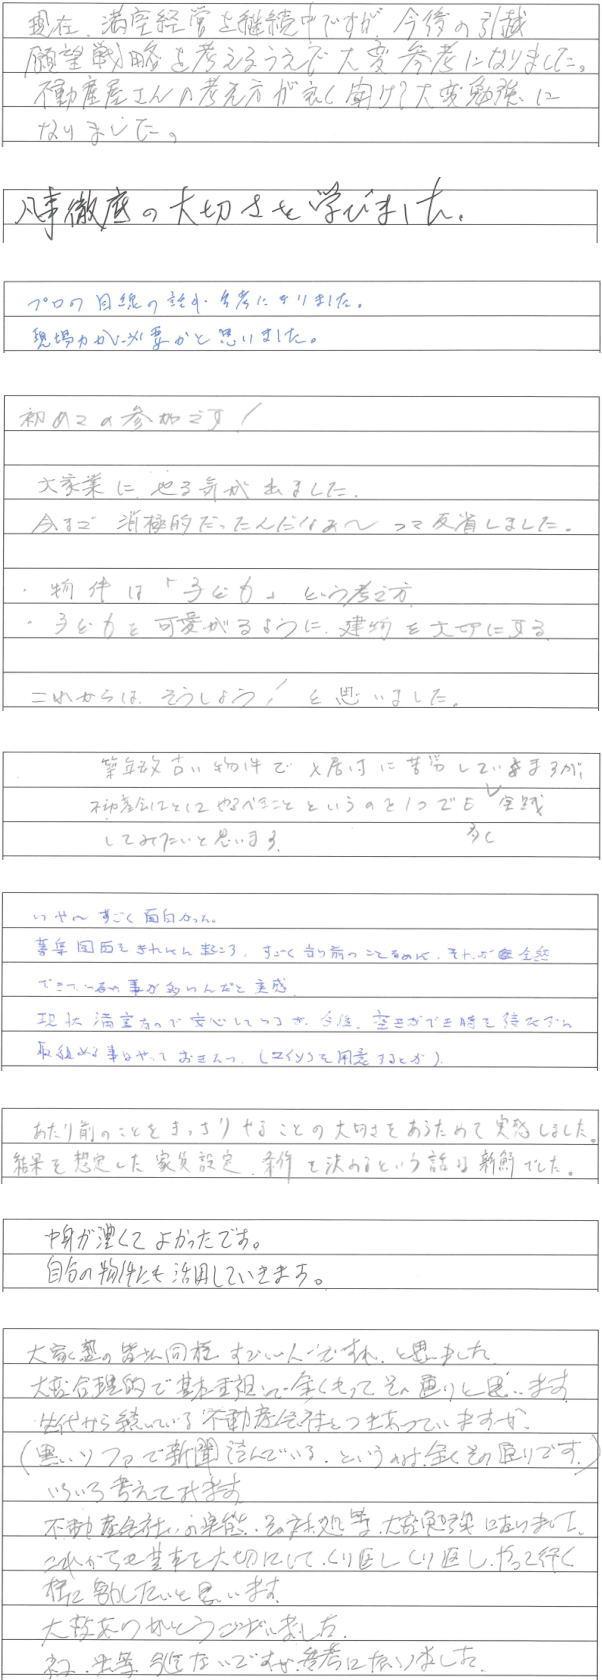 voice_02_2015_04_25.jpg